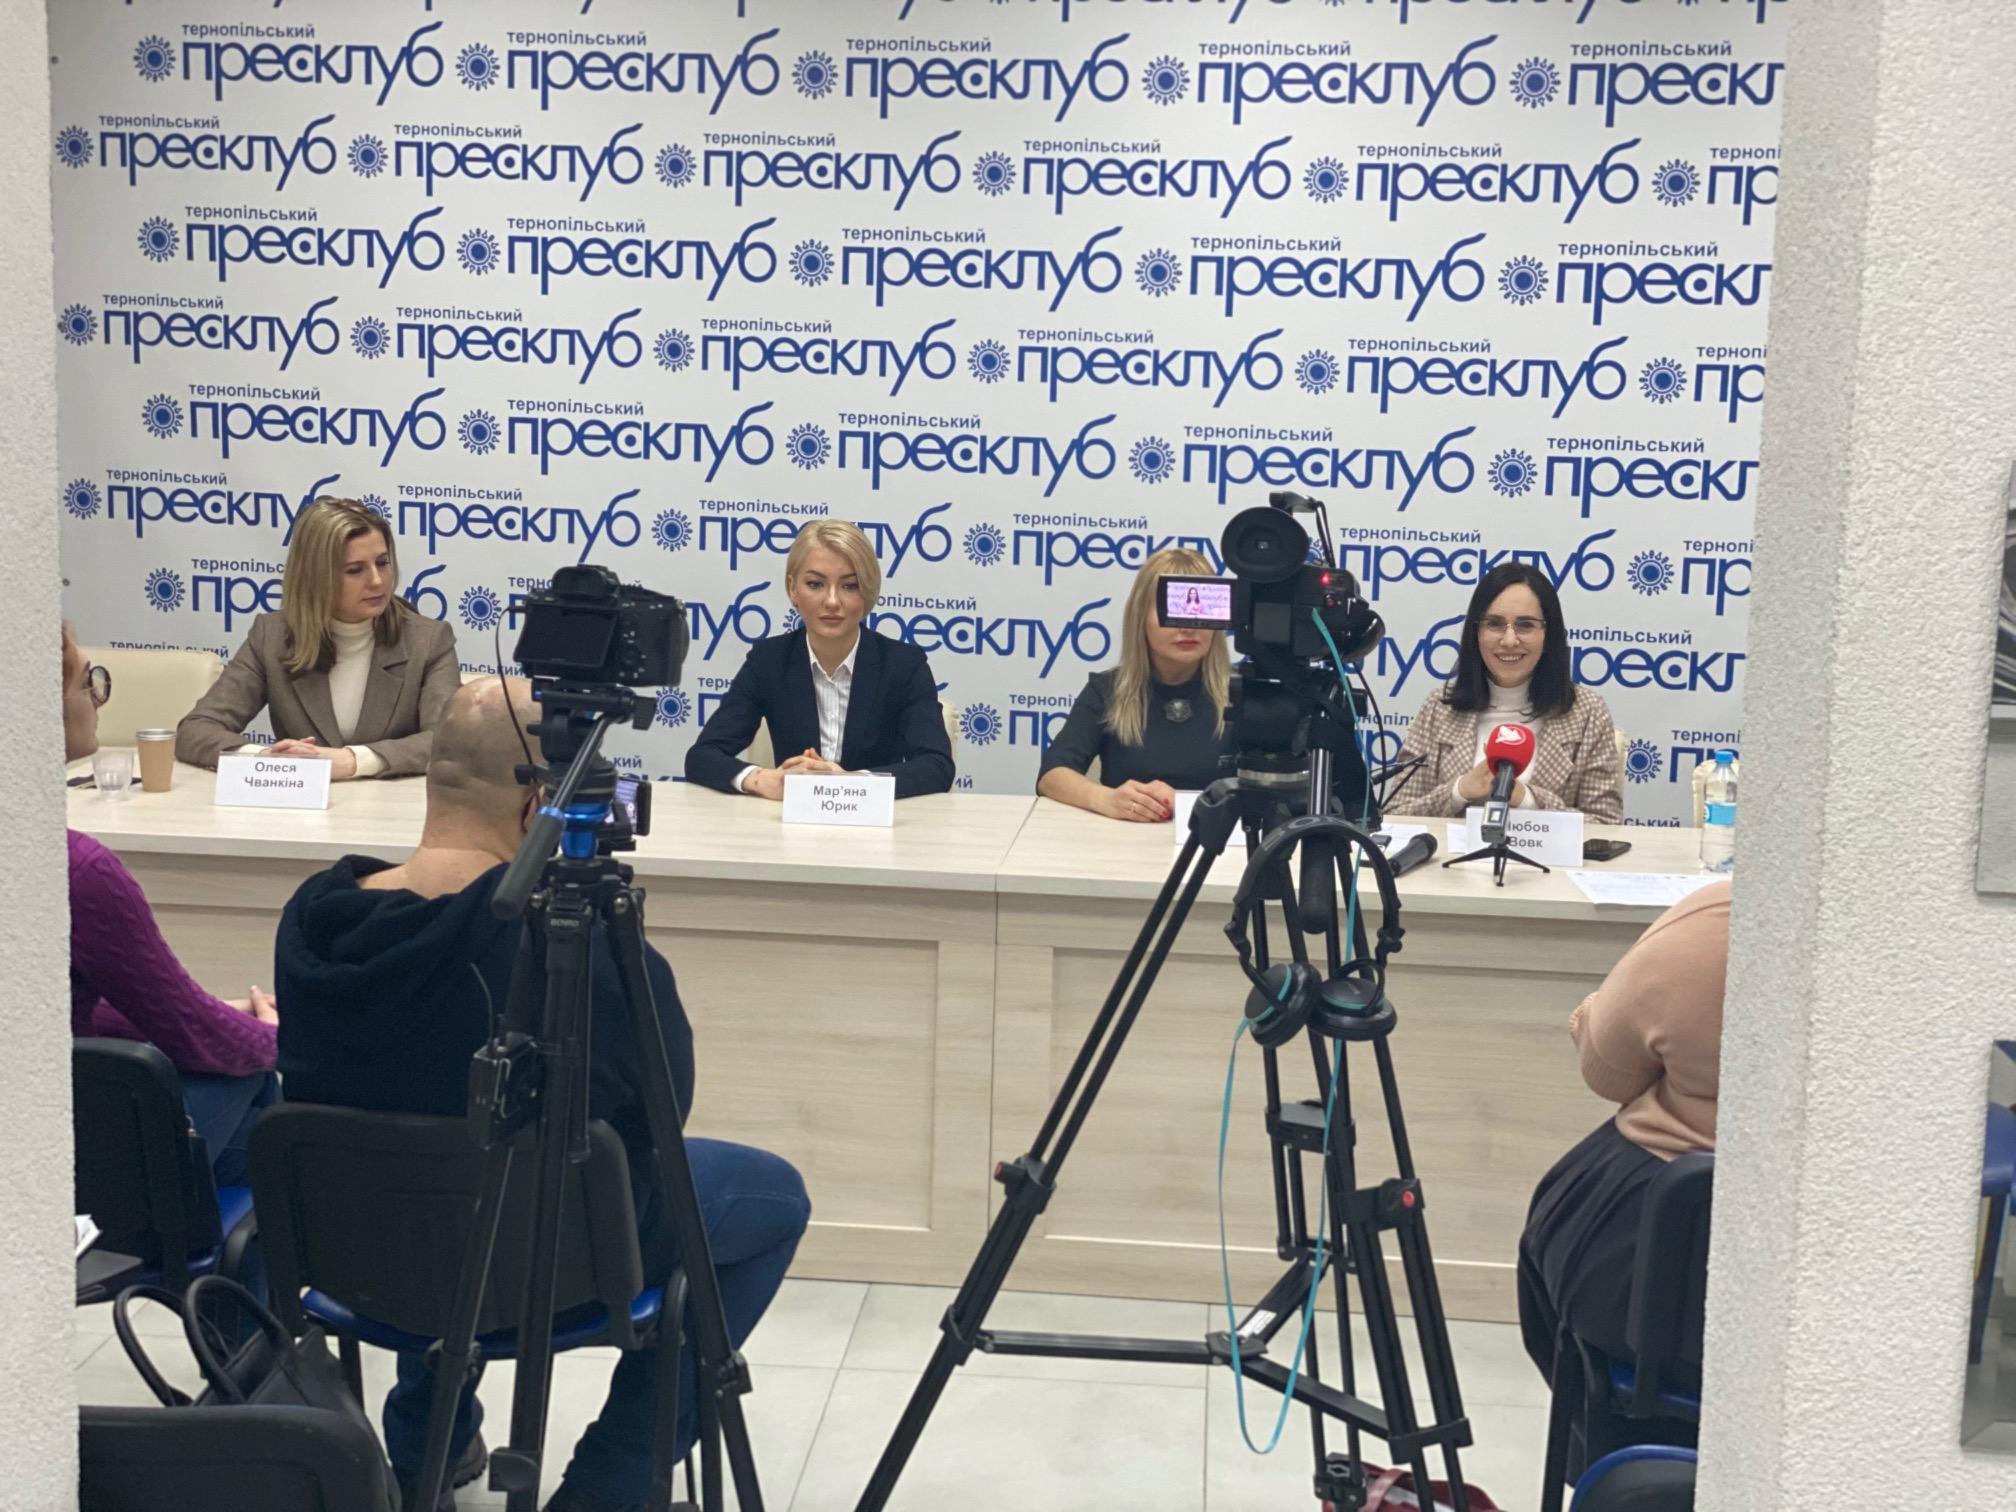 Про свій перший досвід роботи у місцевому самоврядуванні розповідали депутатки Тернопільської міської ради